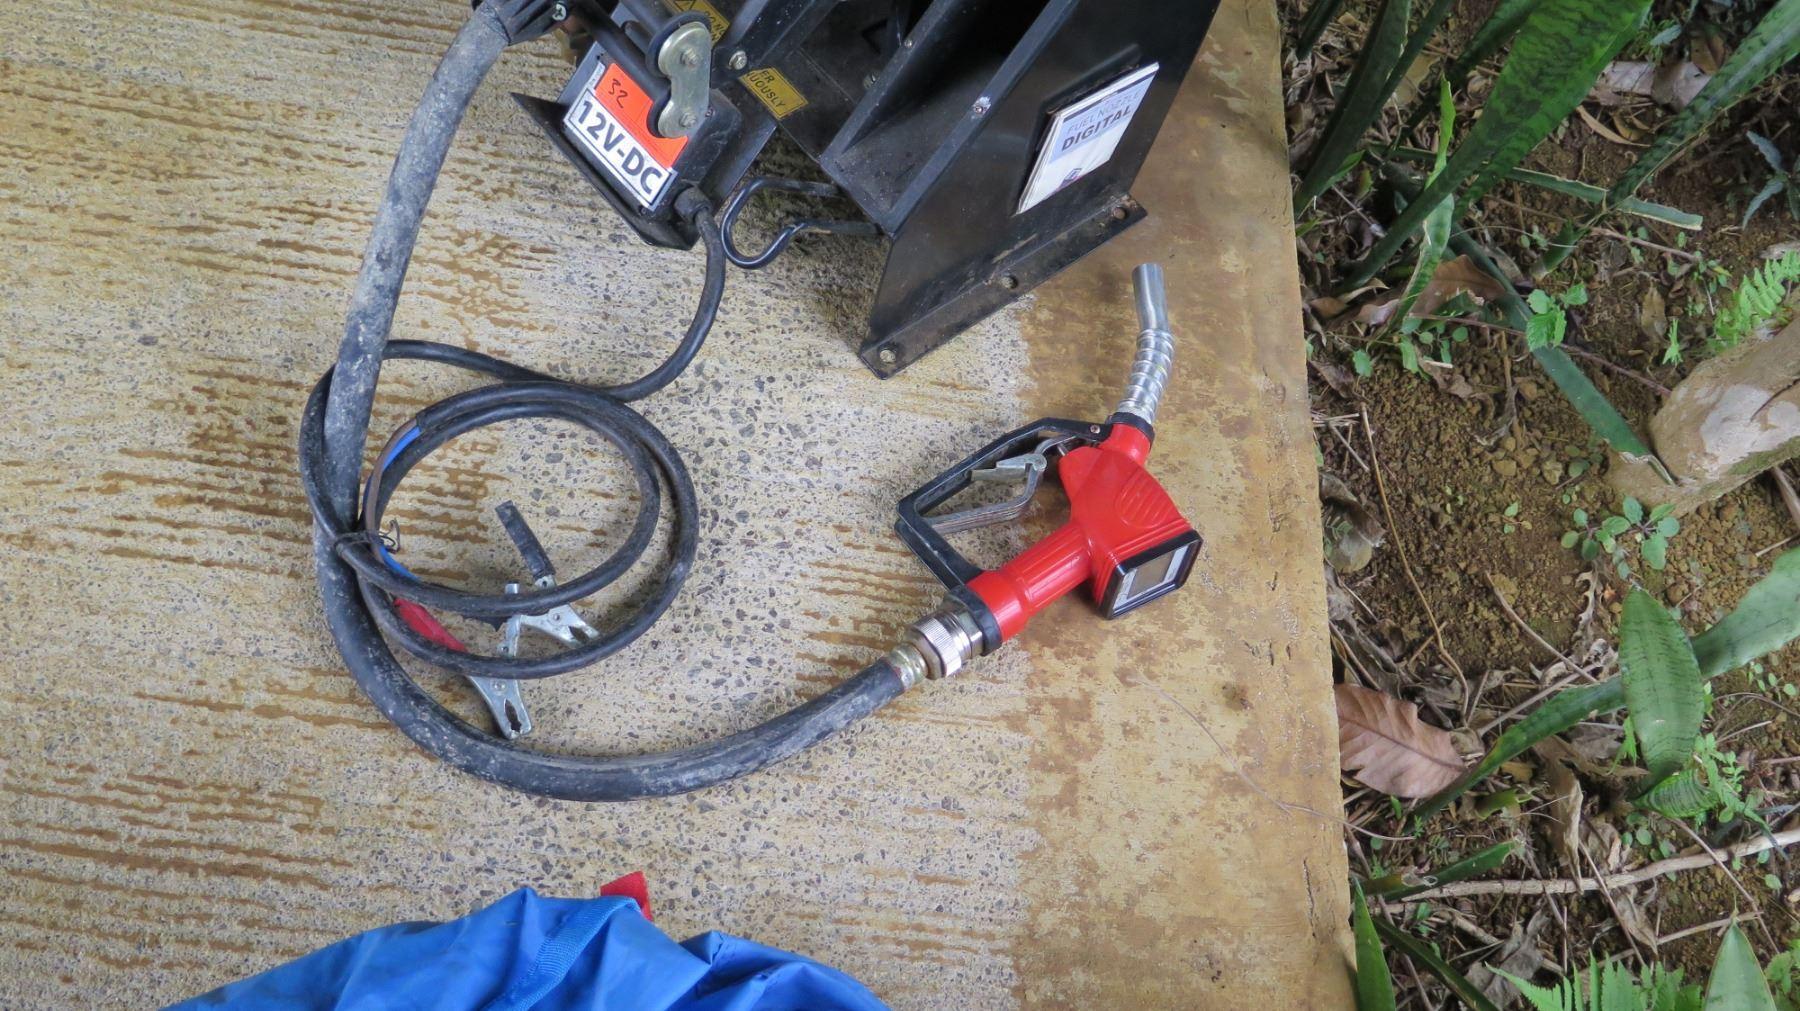 erstklassige Qualität zuverlässigste beste Schuhe English 12V-DC Non-Commercial Fuel Pump w/ Hose & Nozzle